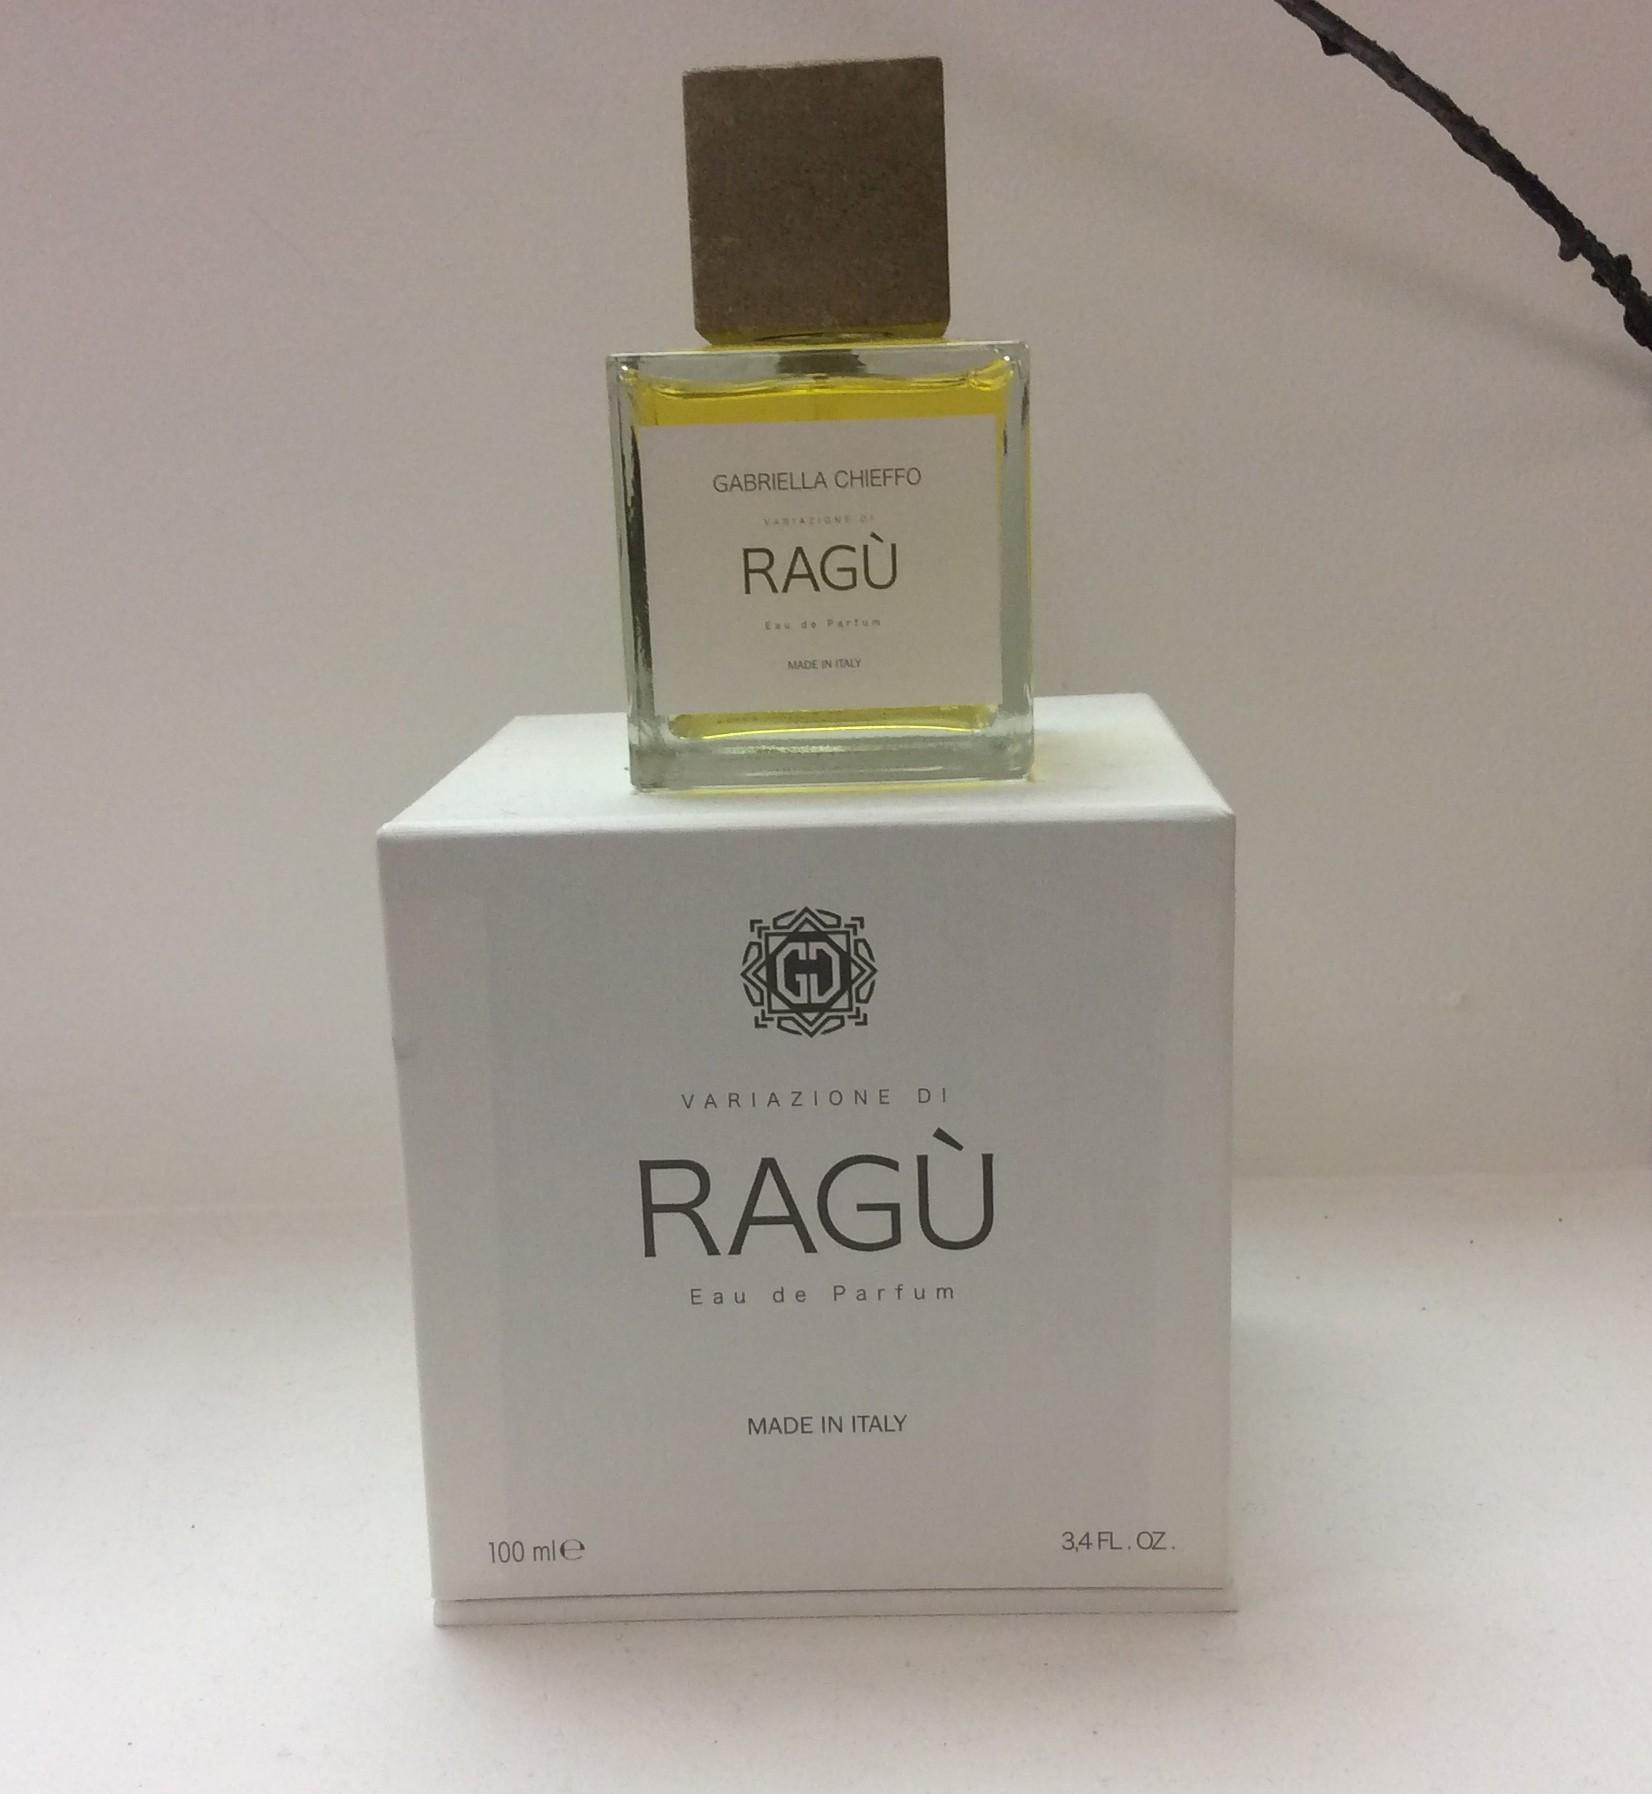 Novità profumi a Pitti fragranze, vi piace spruzzare l'odore del ragù sulla pelle?